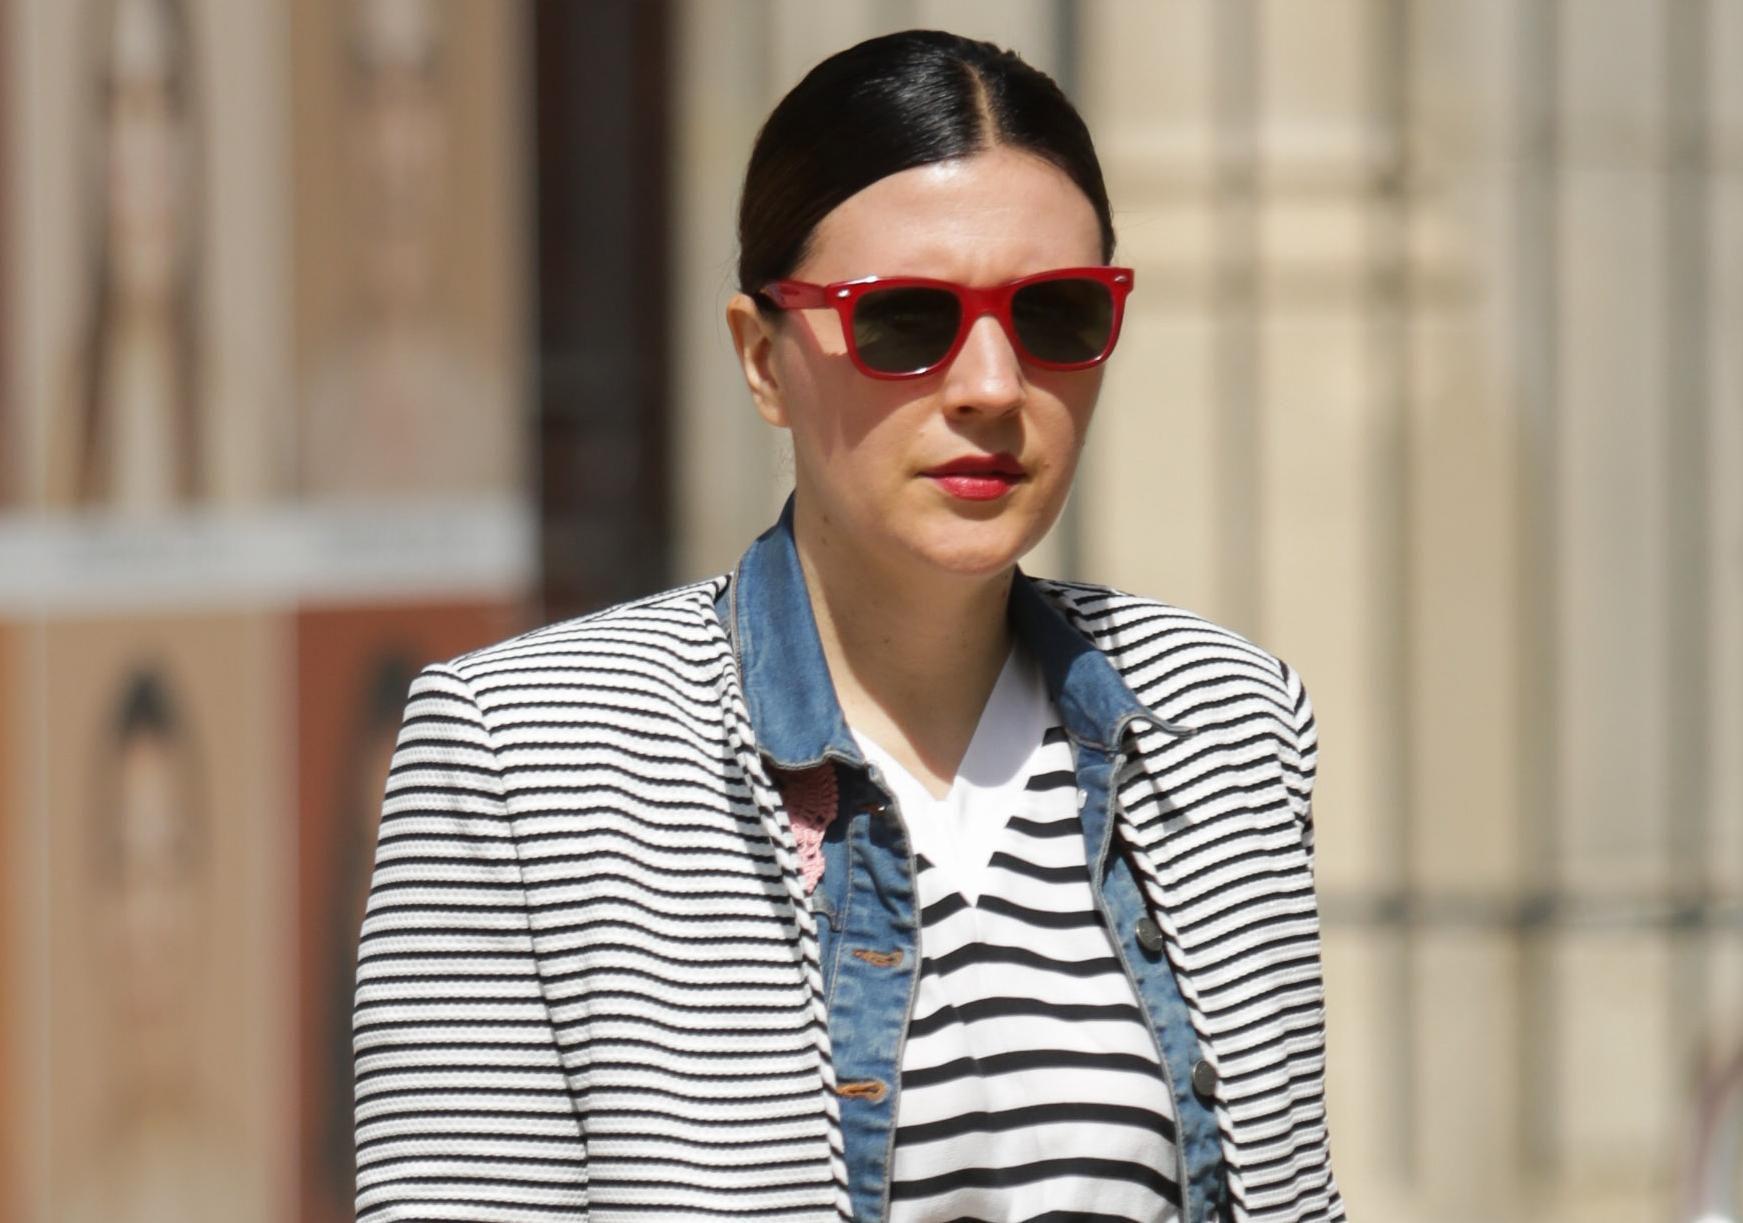 Ova dama zna formulu za super styling: Prugice, traper i puno crvene!